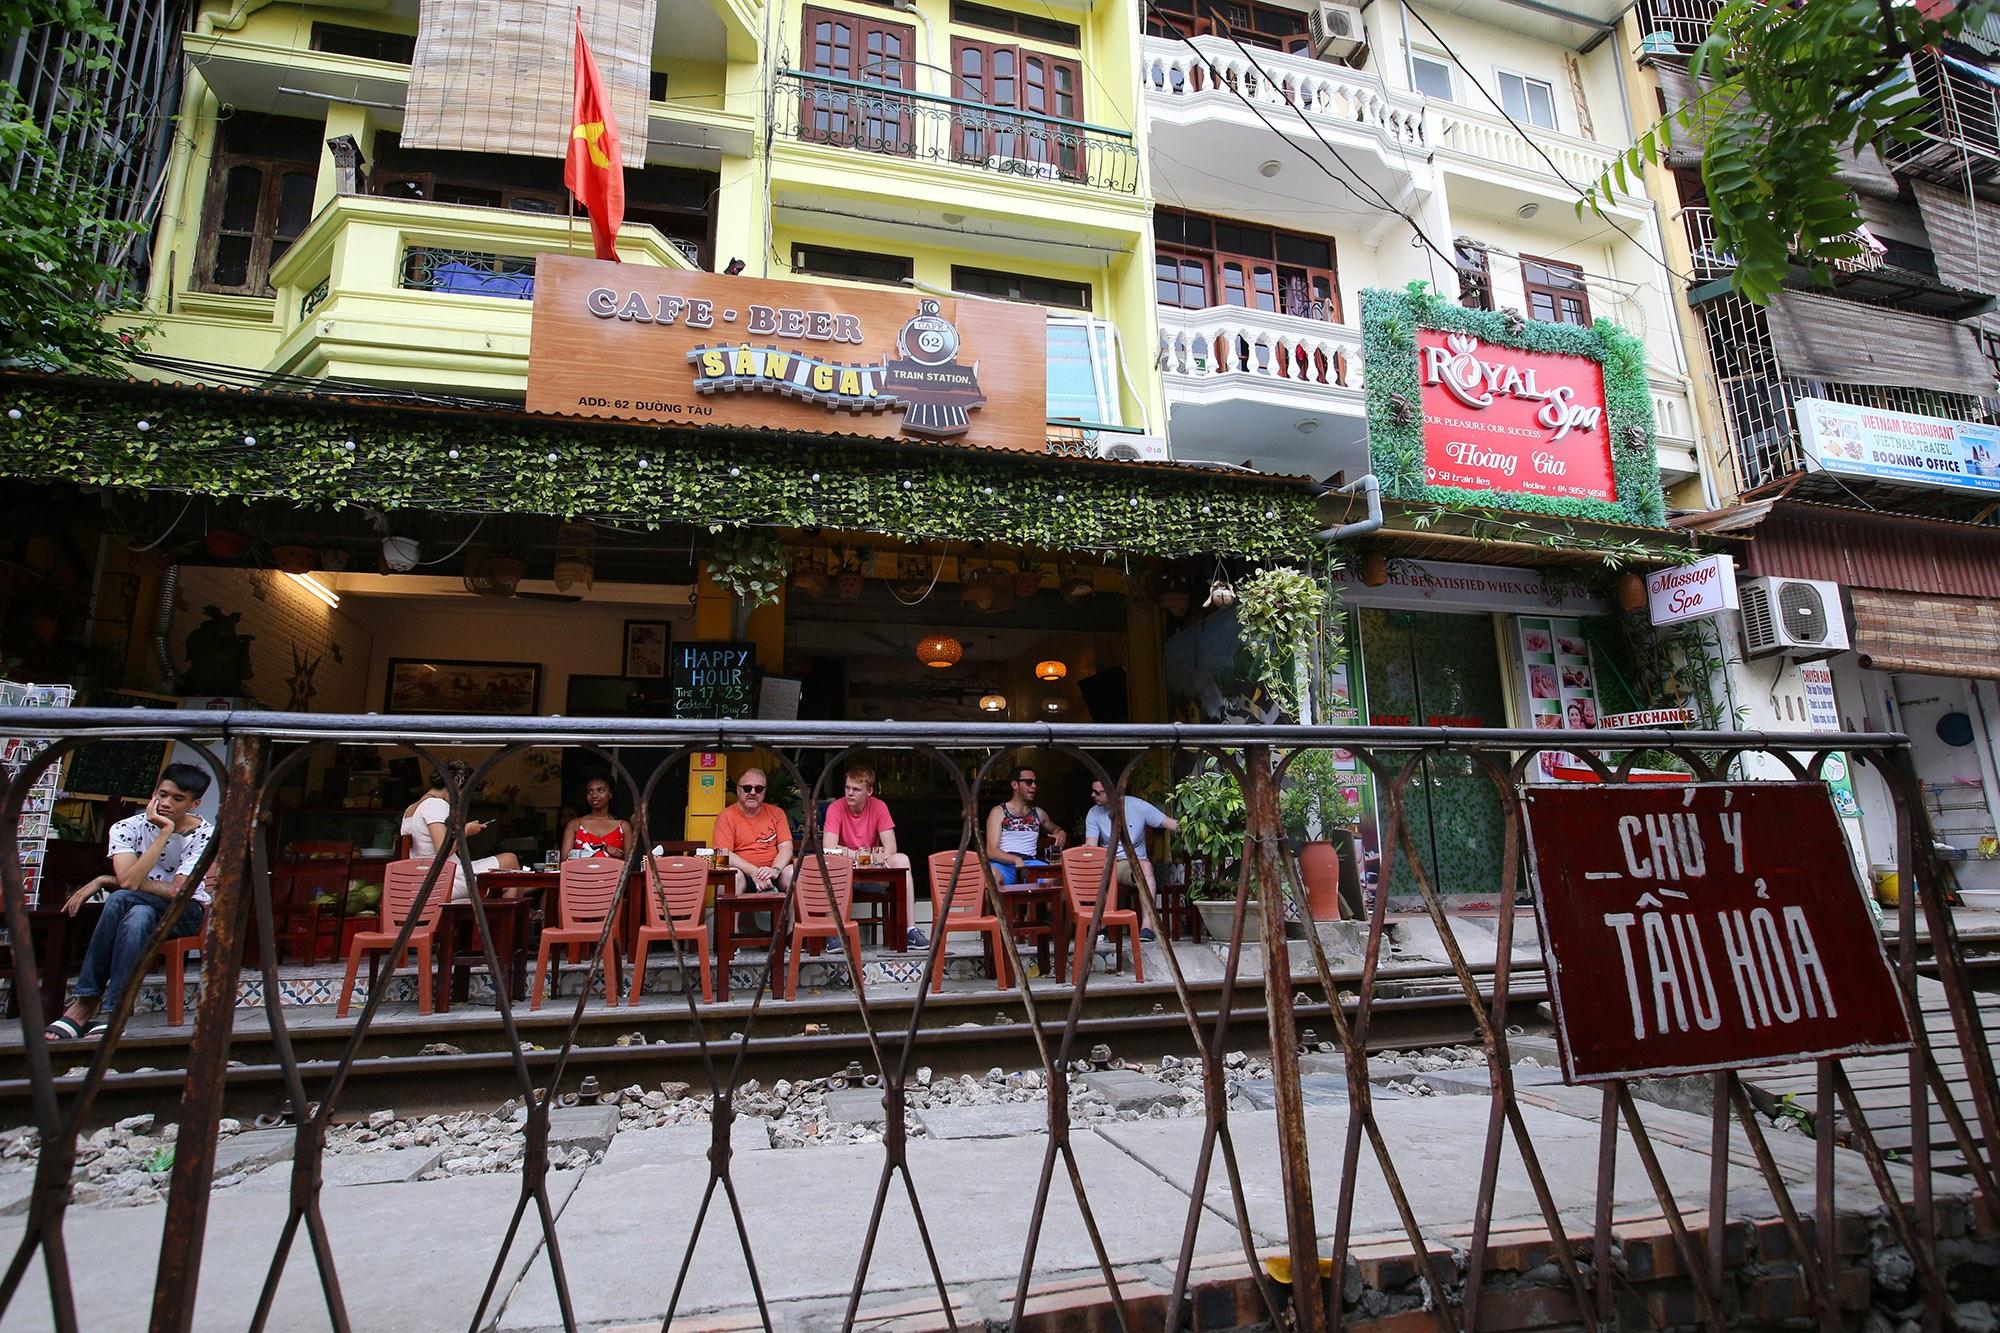 Xóm đường tàu lên đời thành điểm du lịch hấp dẫn ở Hà Nội - 4